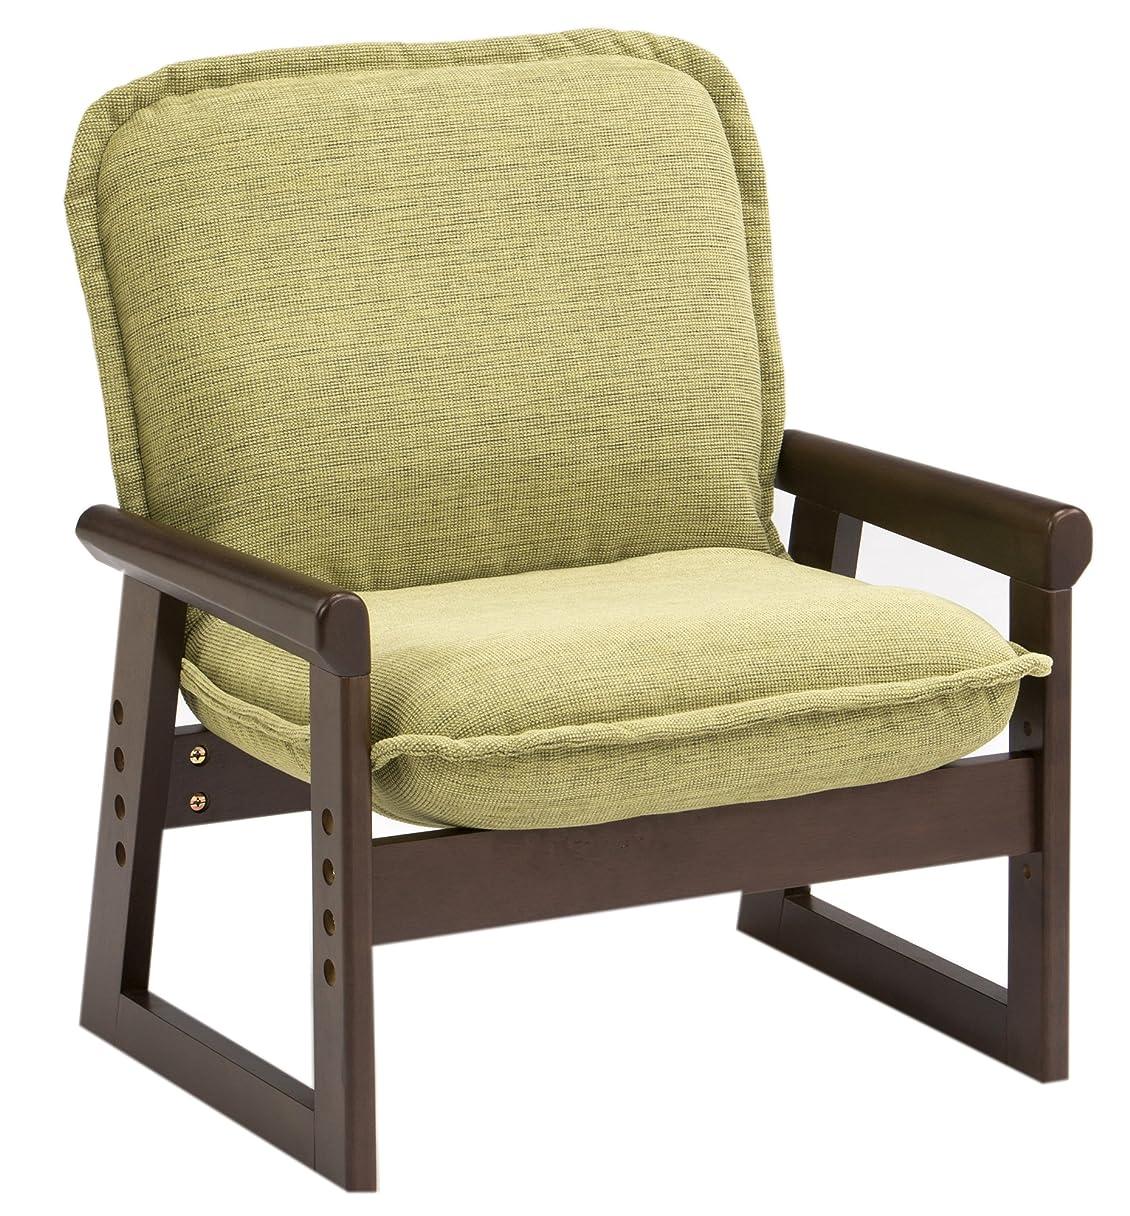 回転させる誠実刺激するSelect chair hidamari (セレクトチェア ひだまり) ブラウニー グリーン Sサイズ 木肘ブラウン